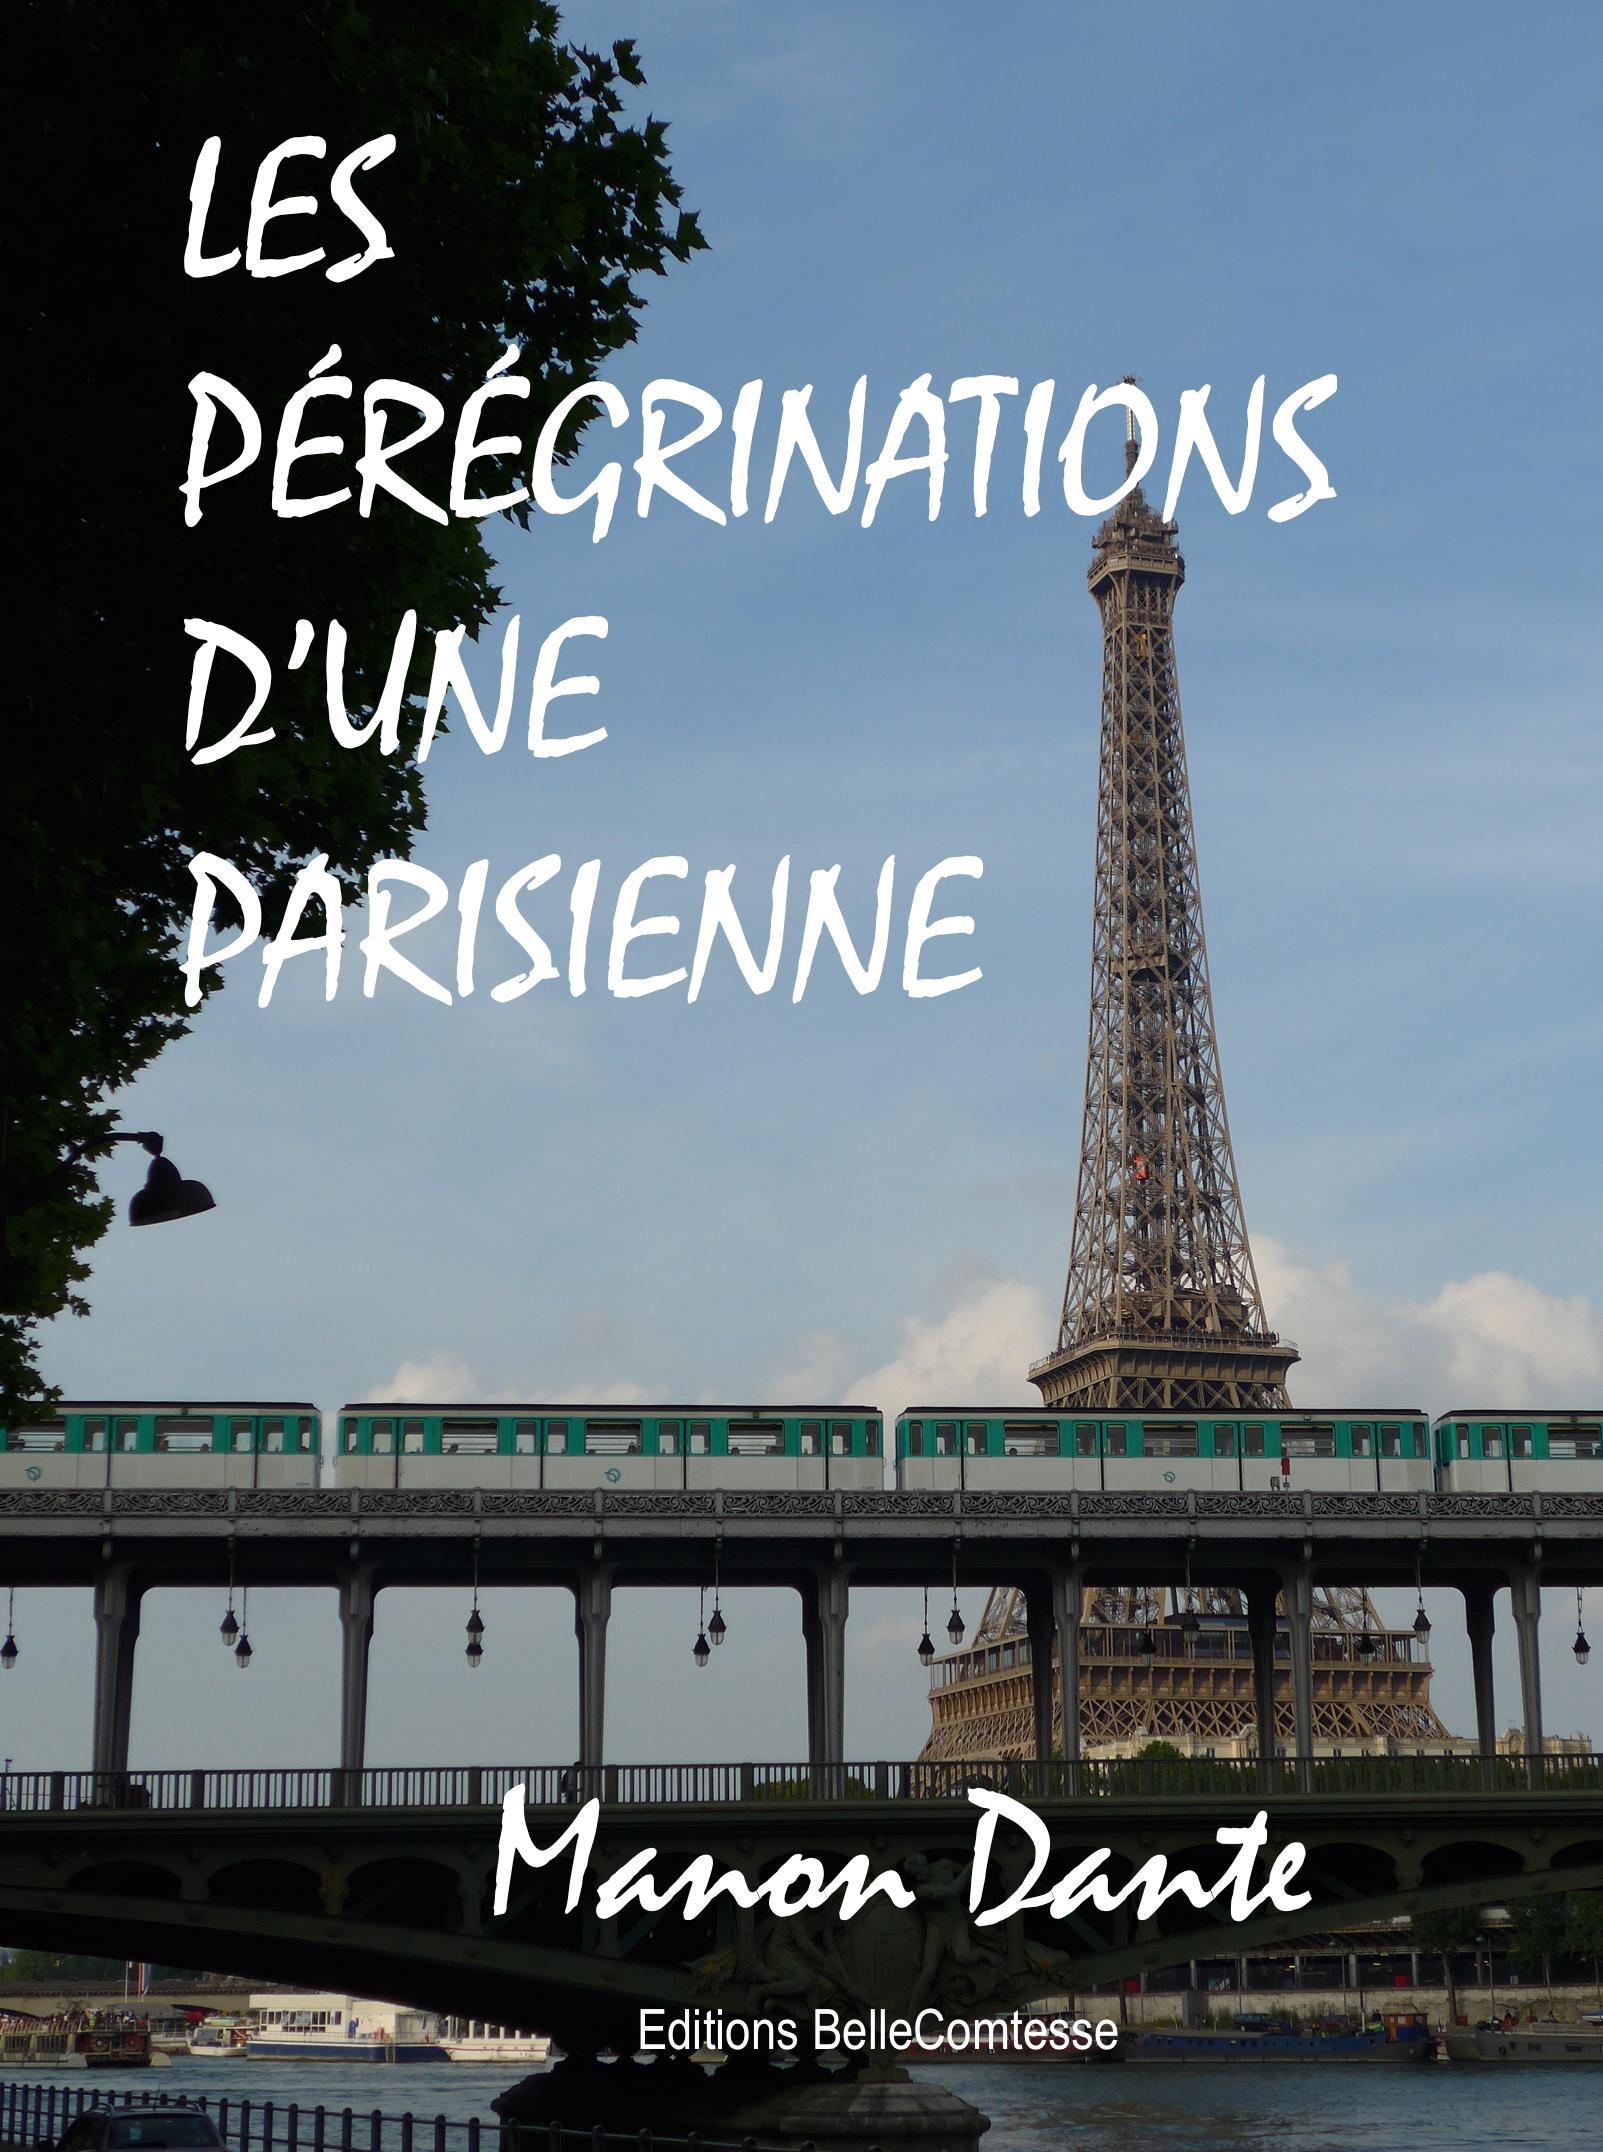 LES PEREGRINATIONS D'UNE PARISIENNE